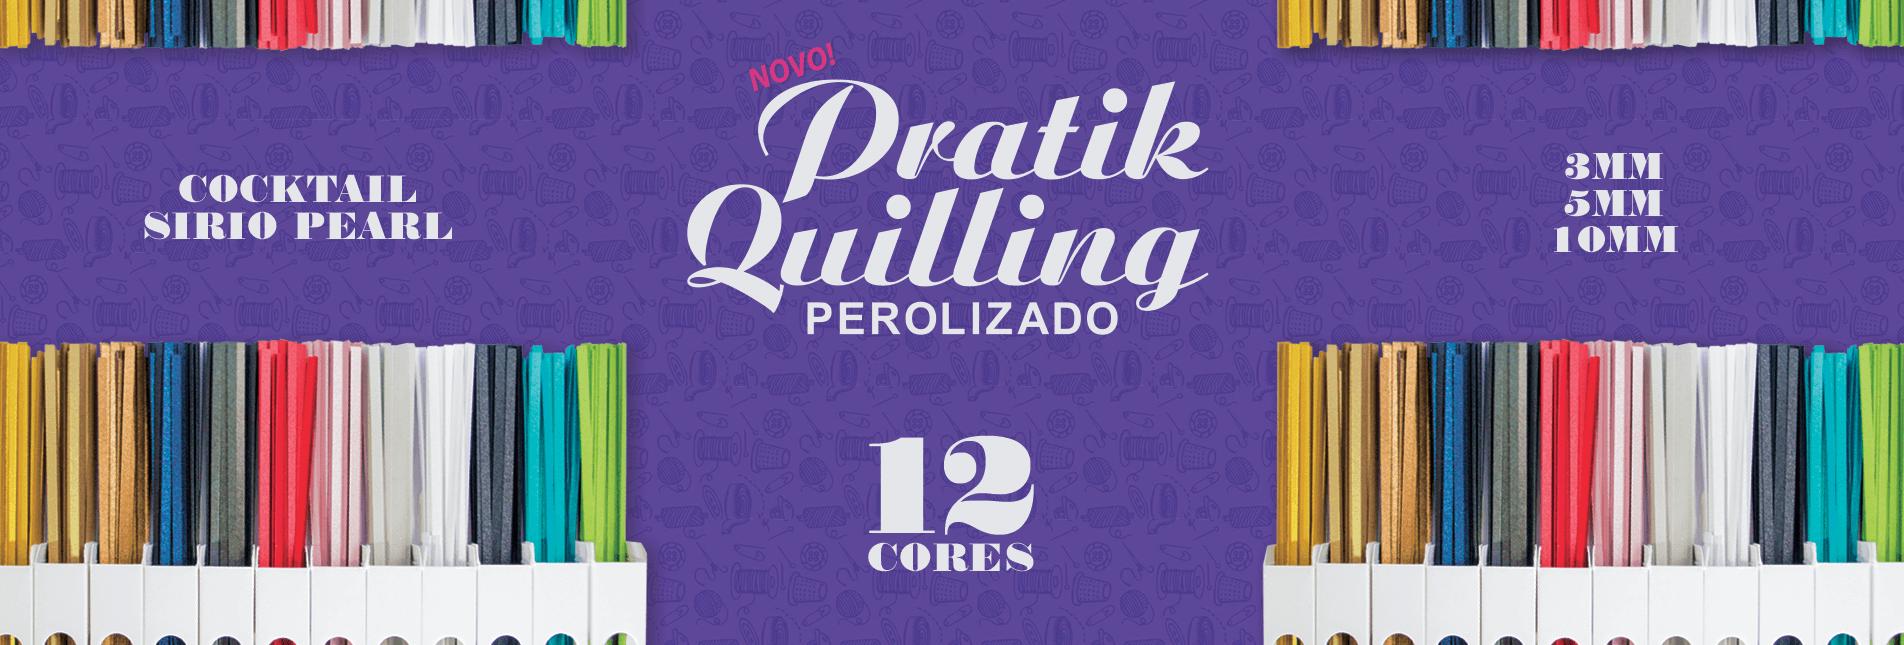 Quilt Craft Curitiba 2019